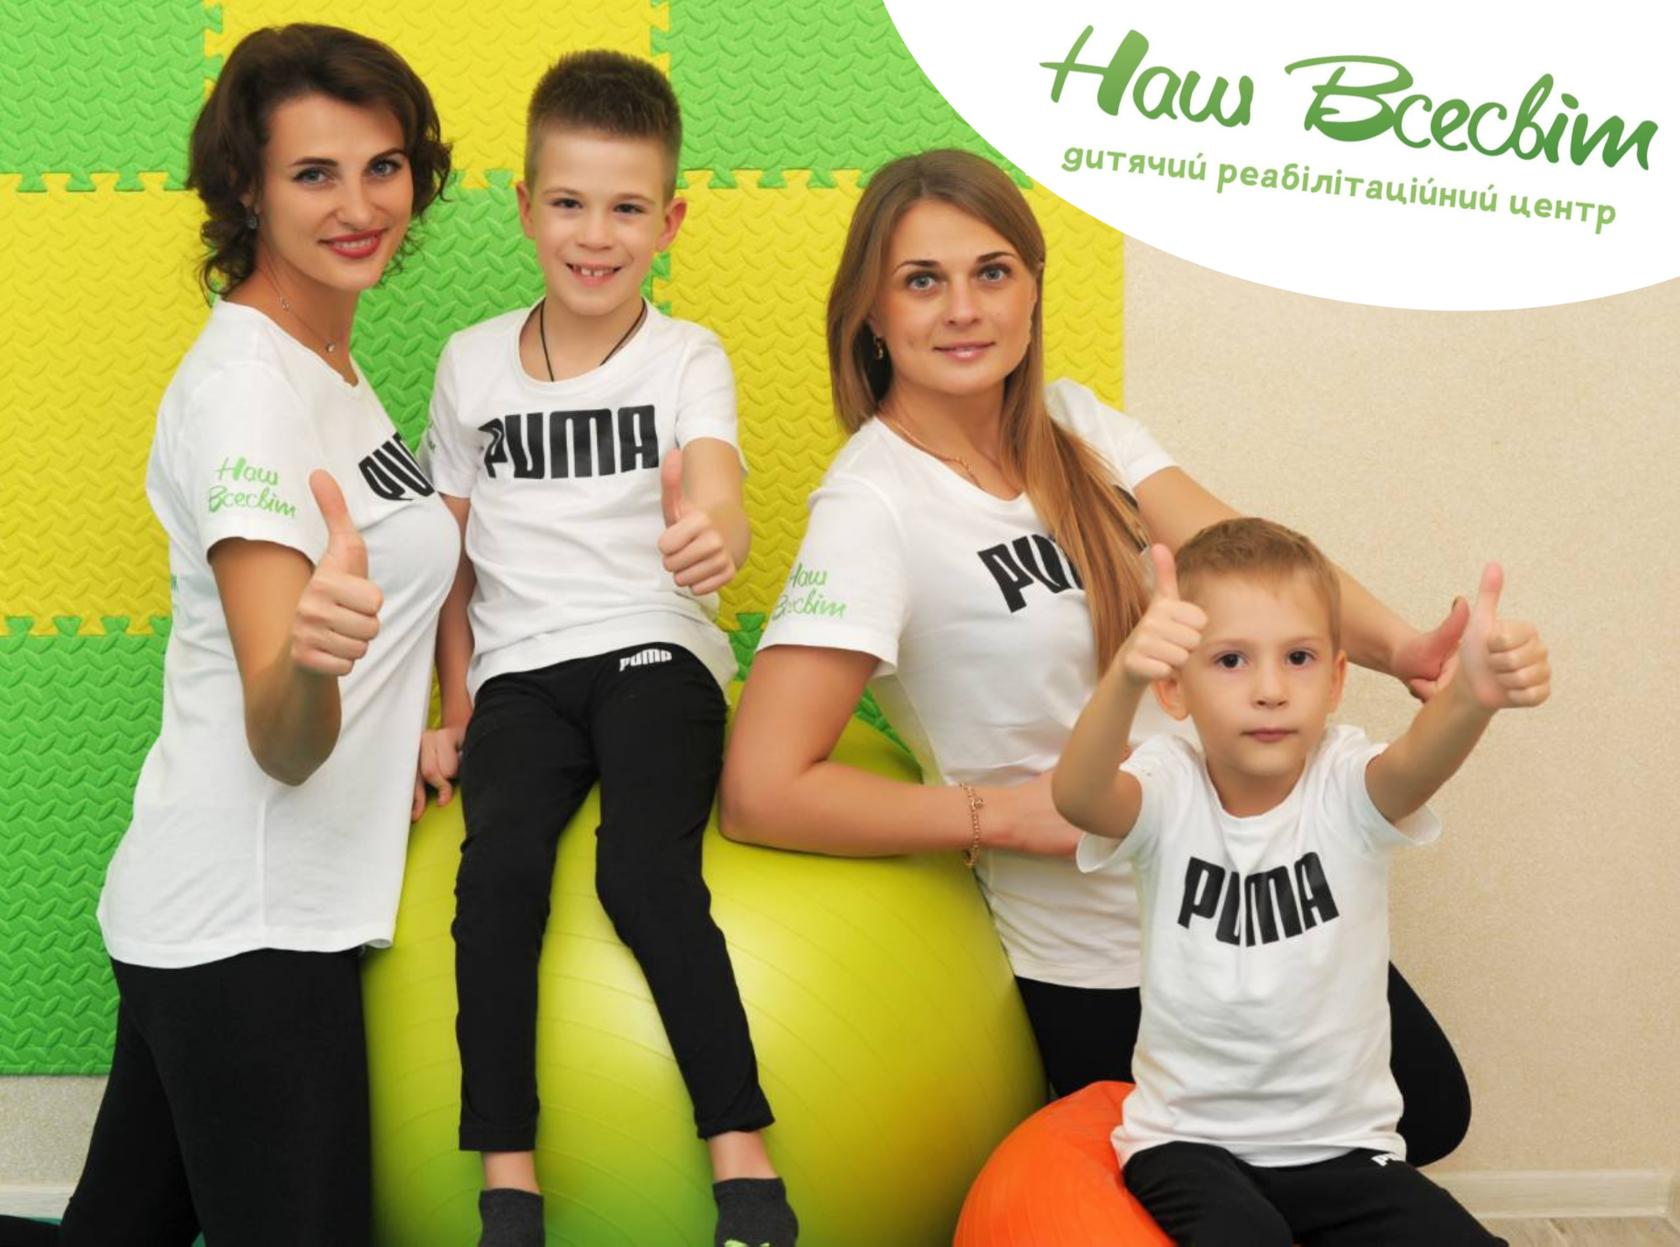 Детский реабилитационный центр в Харькове